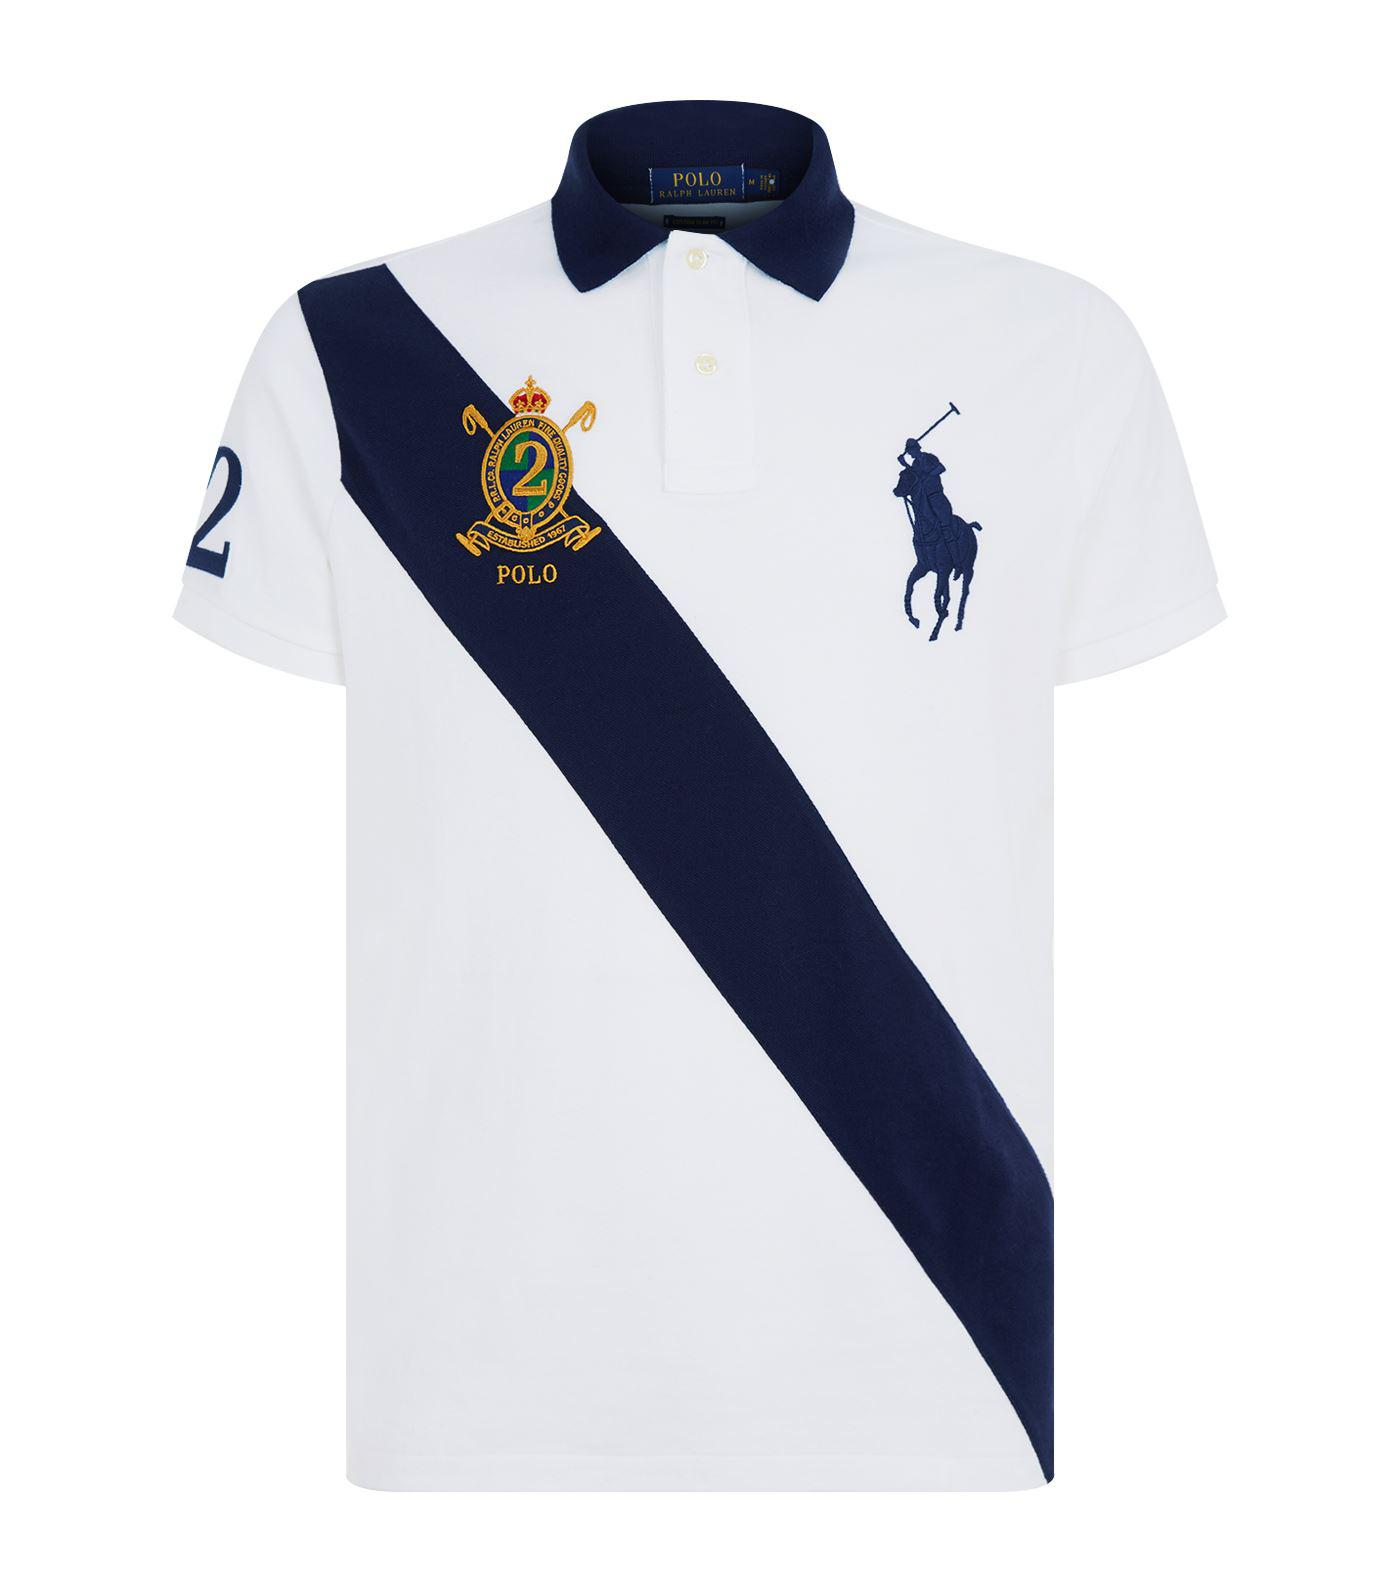 Quality Company Polo Shirts Bcd Tofu House